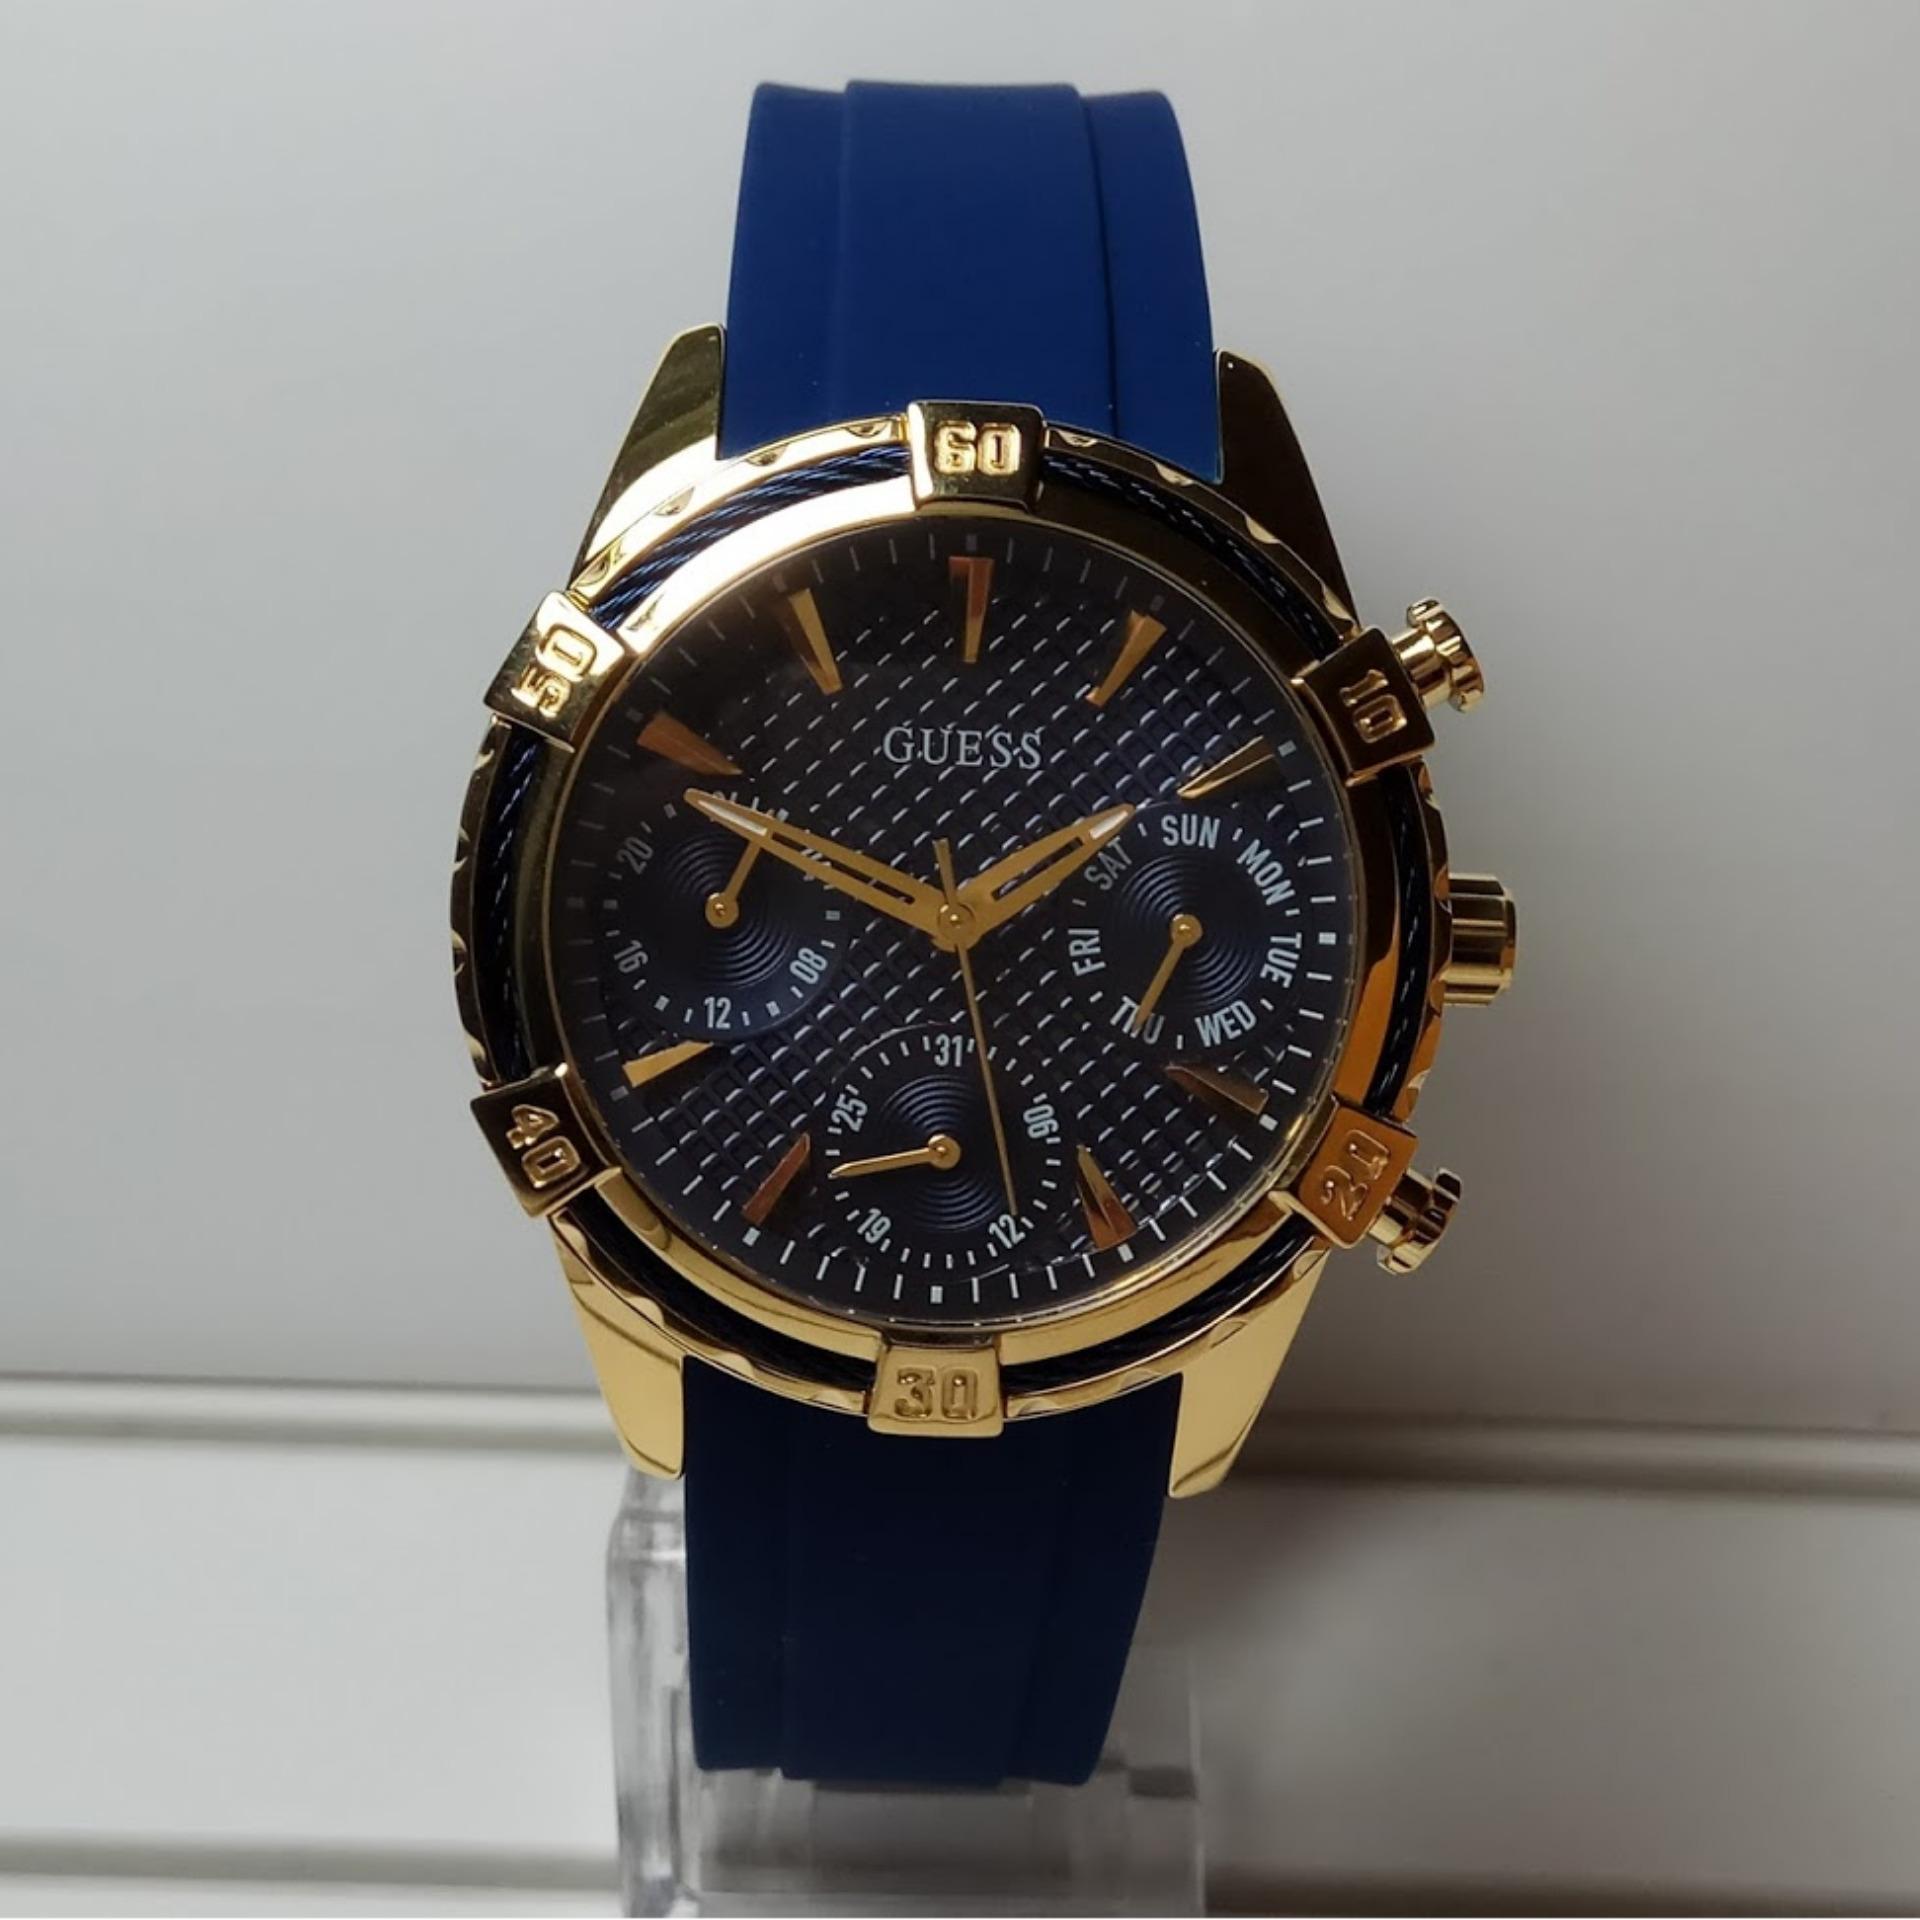 Guess W0562l2 Chronograph Jam Tangan Wanita Biru Karet Daftar W0231l6 Multifunction Gold Stainless Steel Catalina Blue Silicone Watch